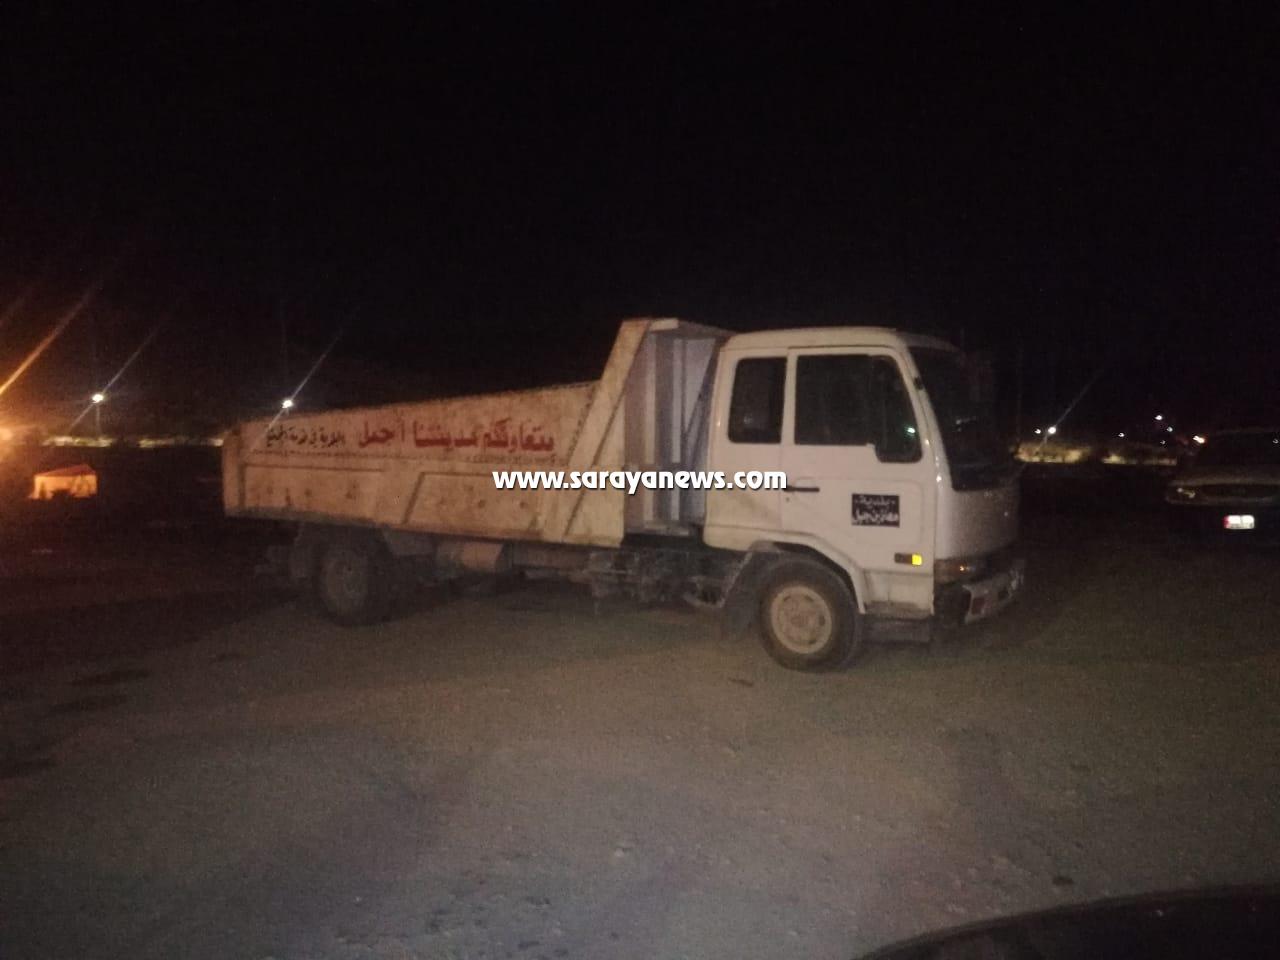 الشونه الشمالية:  إصابة عامل وطن بجراح خطيرة نتيجة سقوطه عن قلاب نقل النفايات